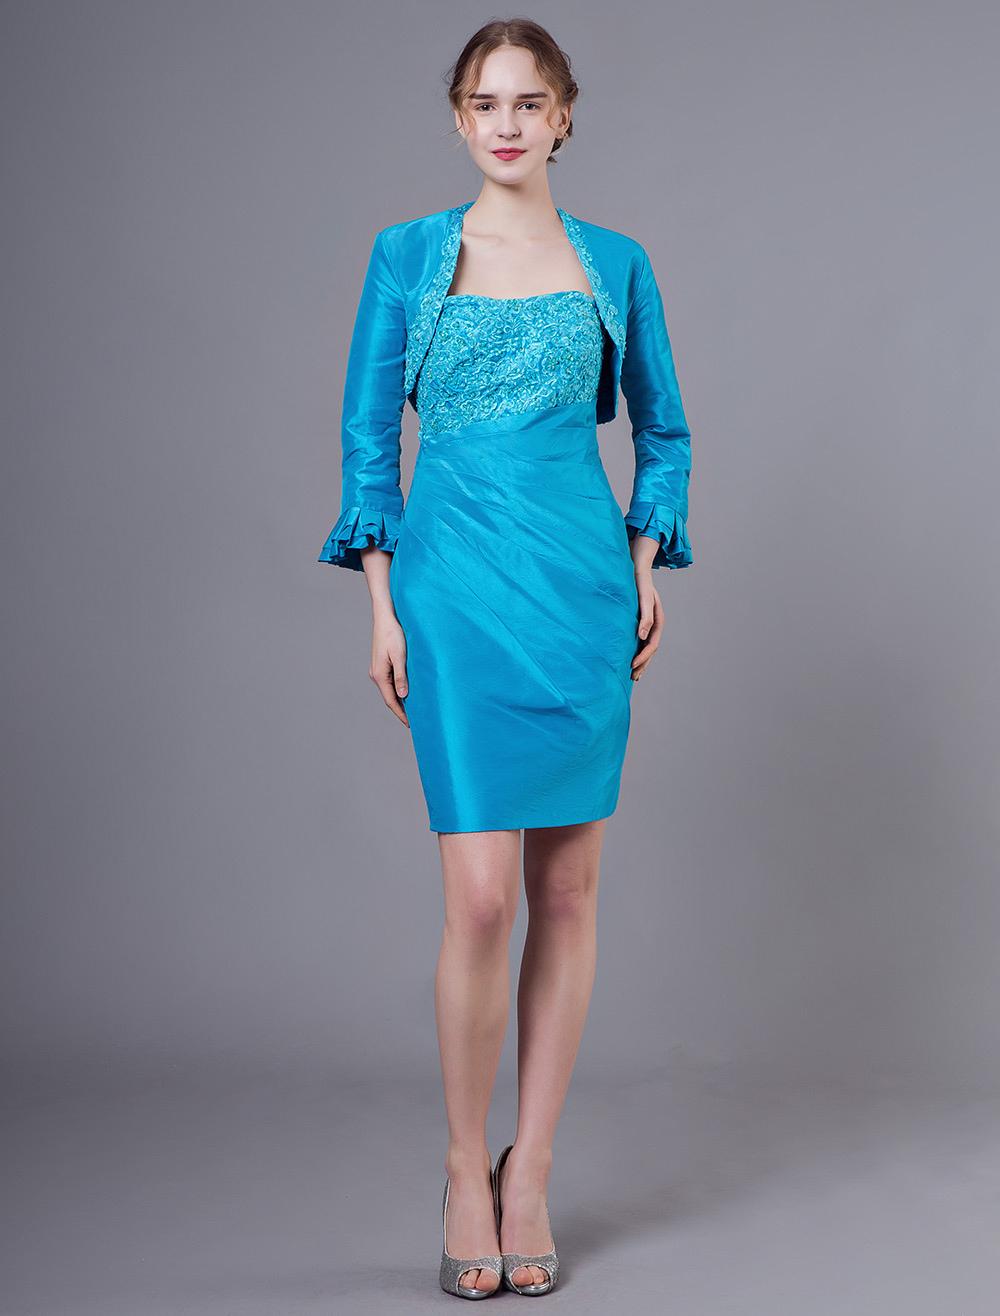 brautmutterkleider etui- abendkleider für hochzeit blaugrün kleider für  hochzeitsgäste taft trägerlos hochzeit mini-kleid 3/4 Ärmel